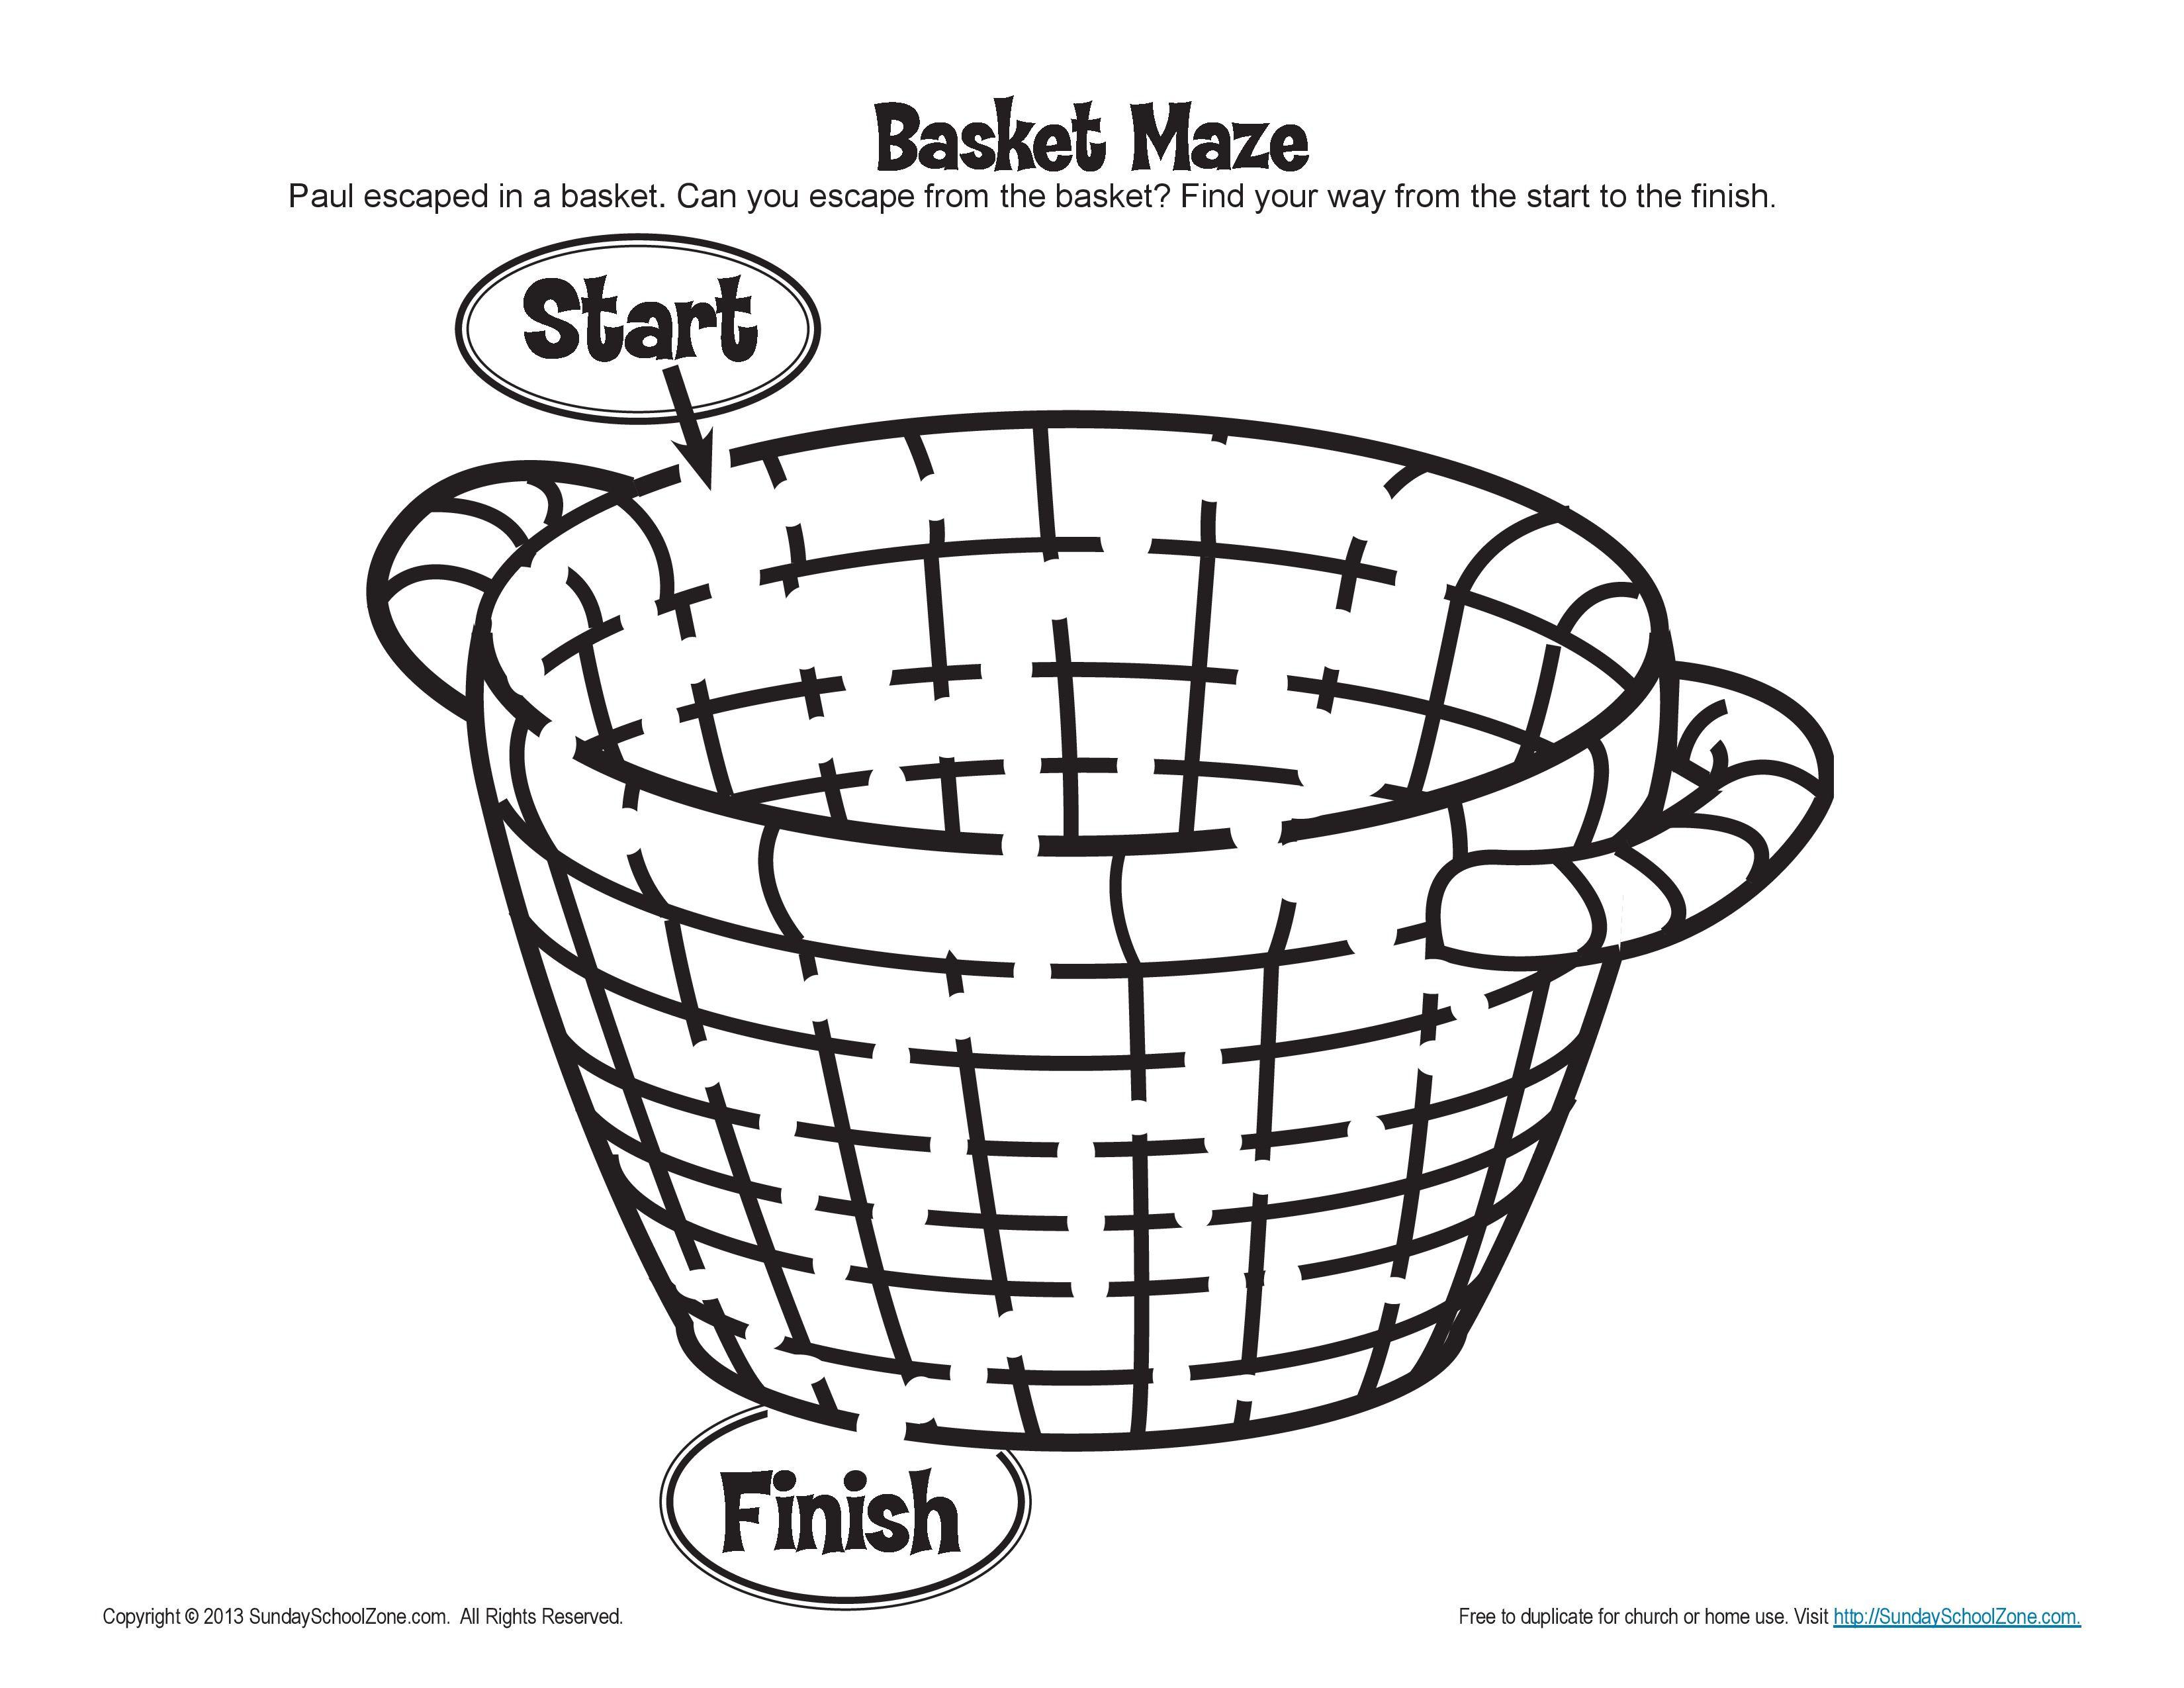 paul u0027s escape basket maze activity for kids inspiratie